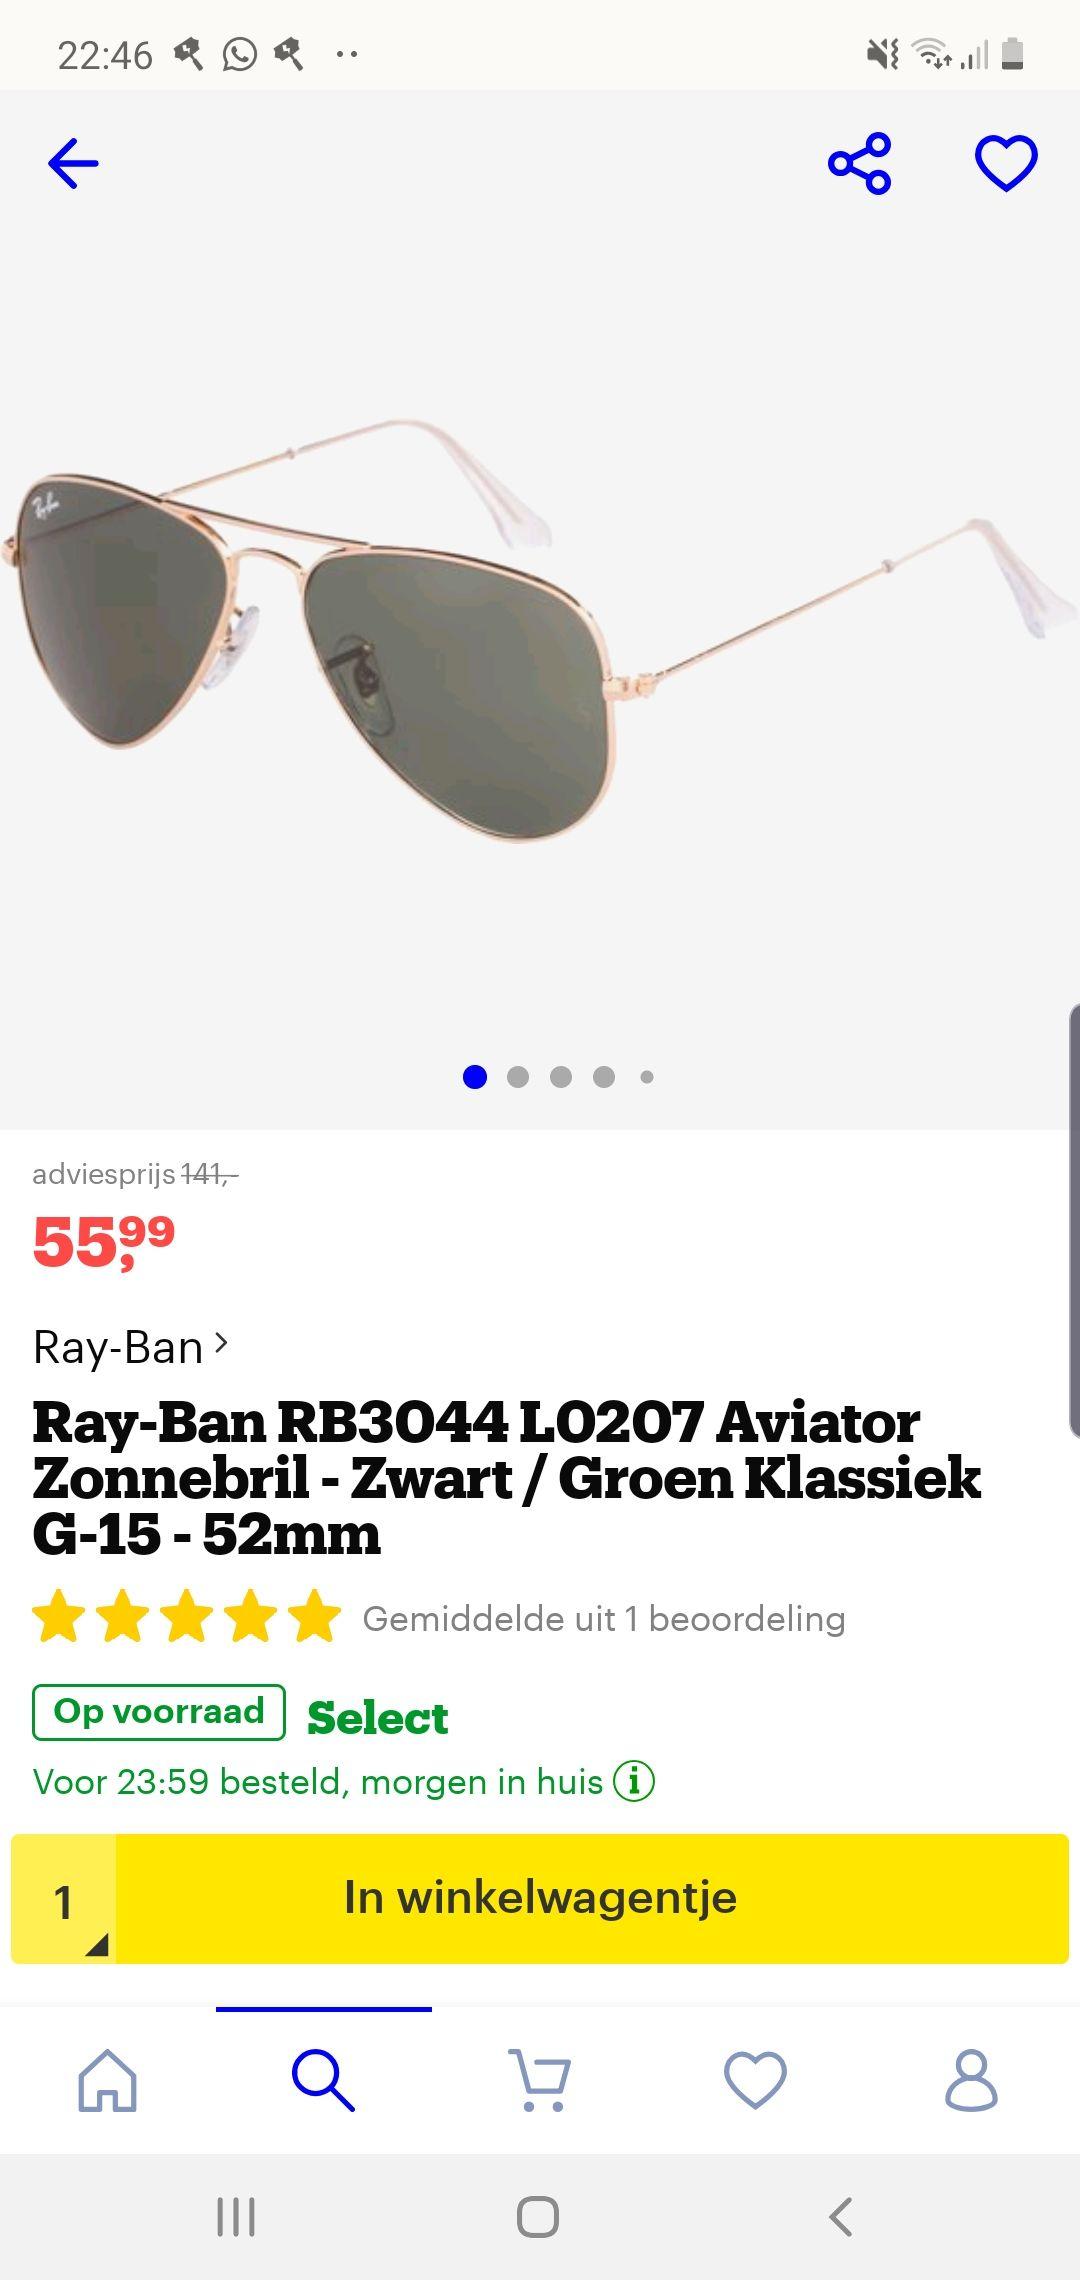 Rayban aviator Normaal 150 euro